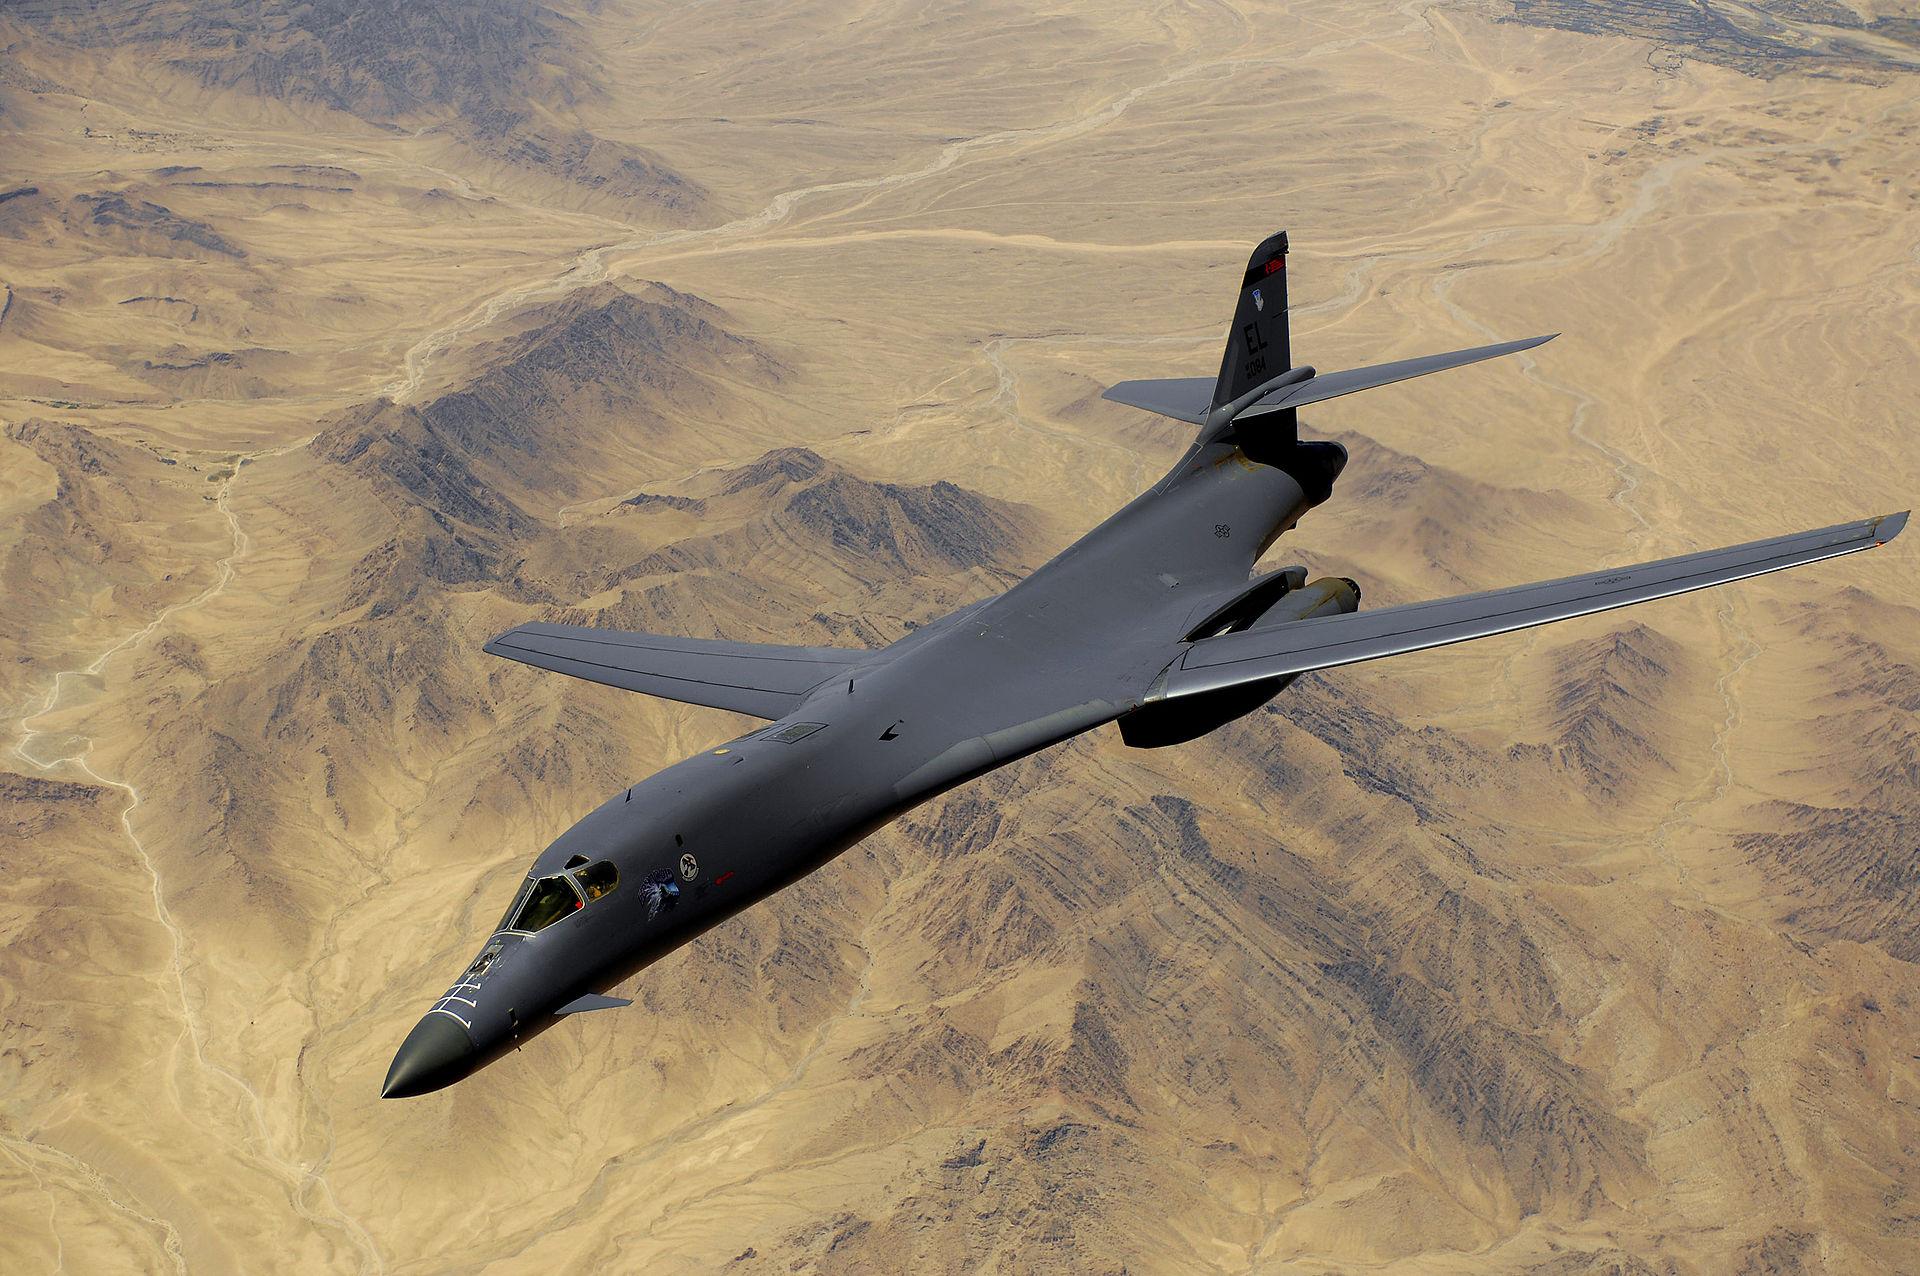 Amerykańskie bombowce w rejonie Korei Północnej